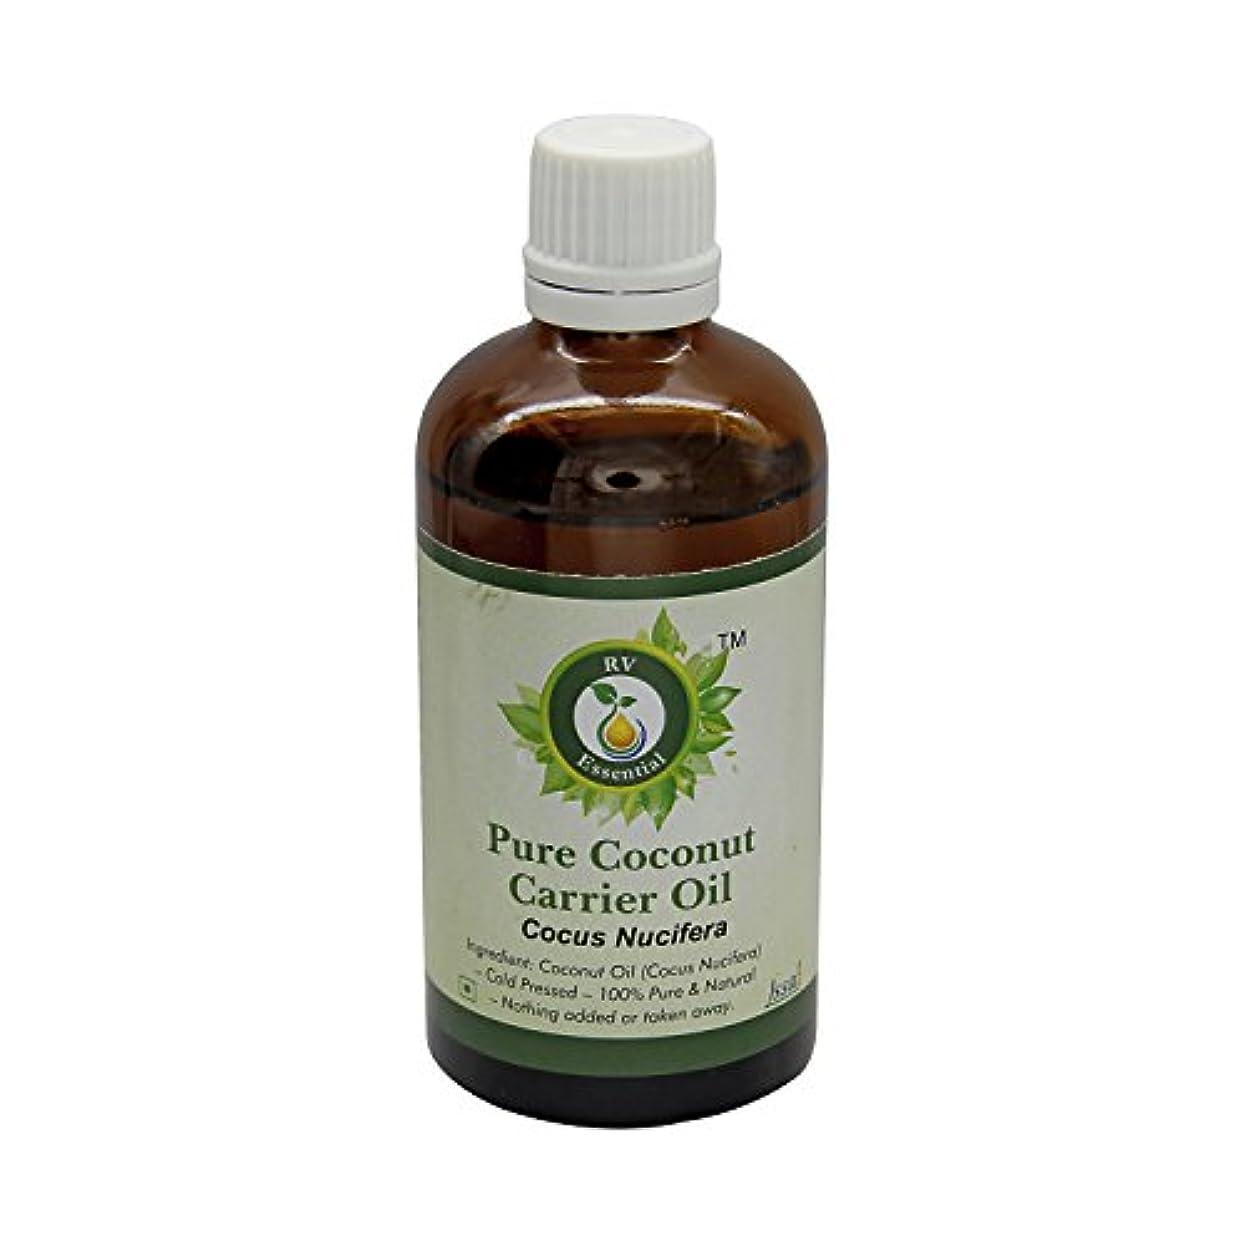 宿題をする摂氏度雑草R V Essential 純粋なココナッツキャリアオイル15ml (0.507oz)- Cocus Nucifera (100%ピュア&ナチュラルコールドPressed) Pure Coconut Carrier Oil